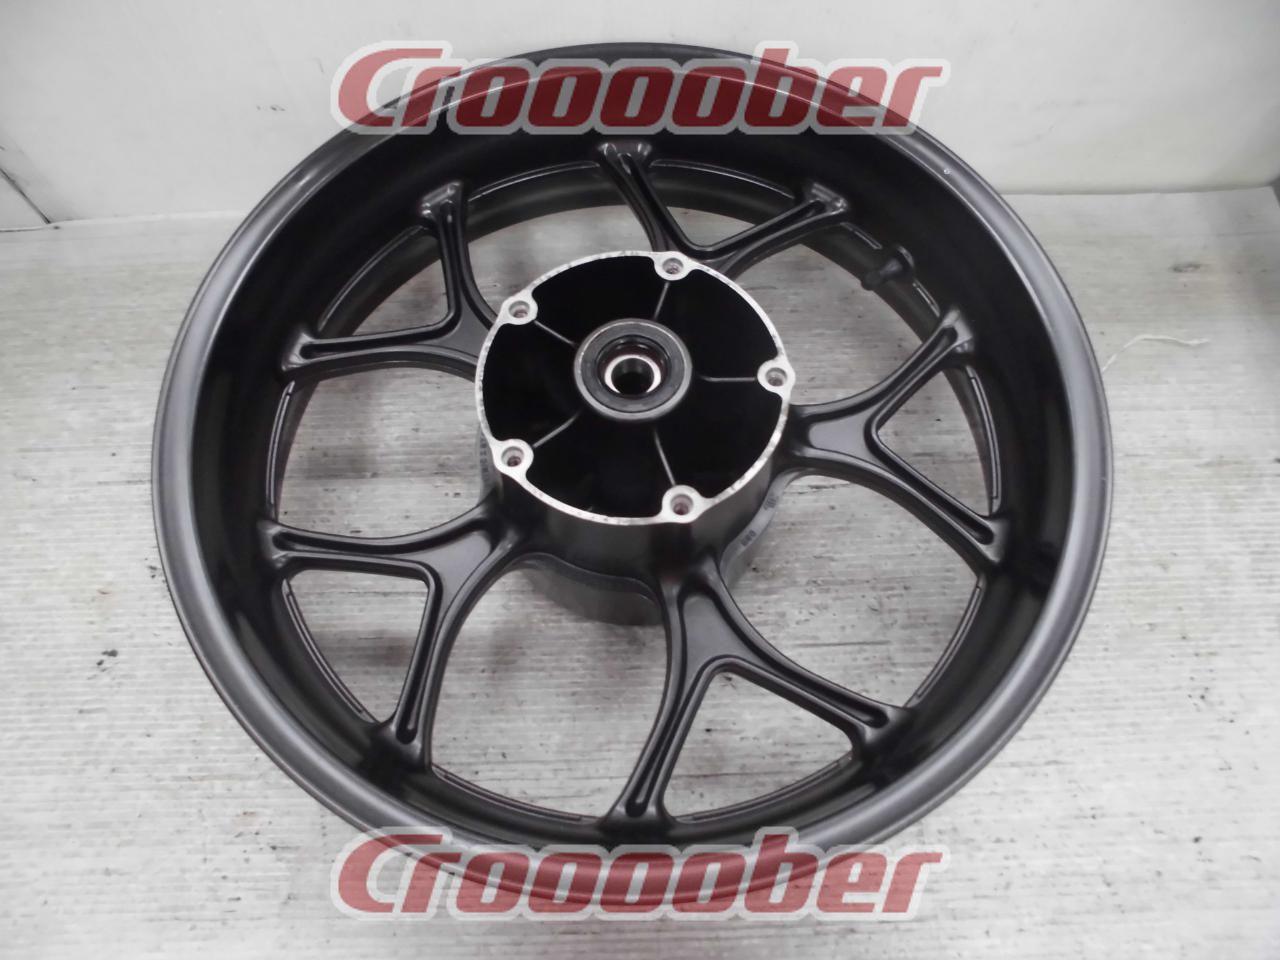 Honda Nc750x Original Rear Wheel To Repair Or Diversion Based